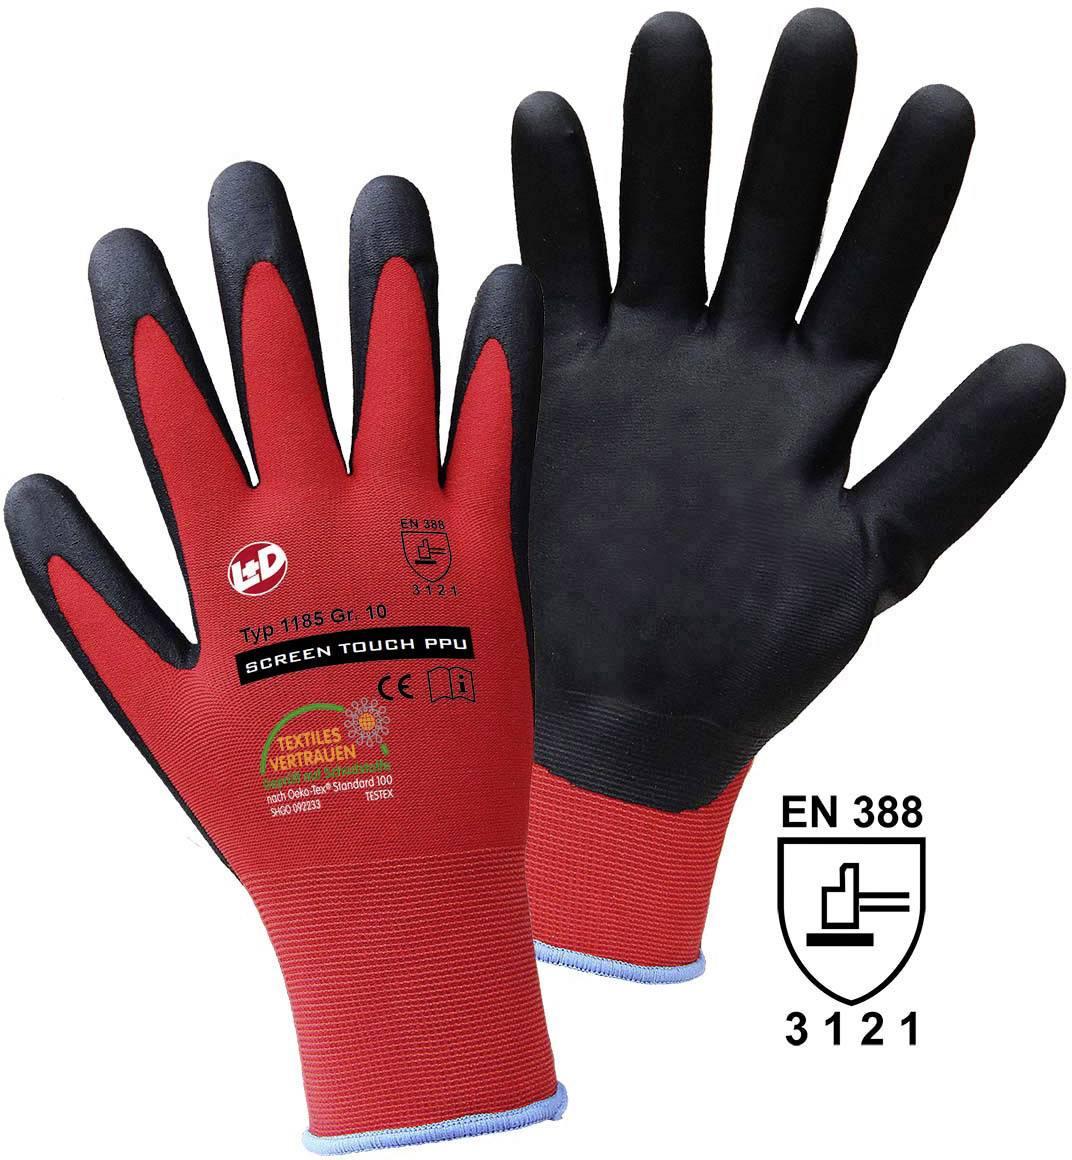 Pracovní rukavice Griffy SCREEN TOUCH PPU 1185, velikost rukavic: 9, L